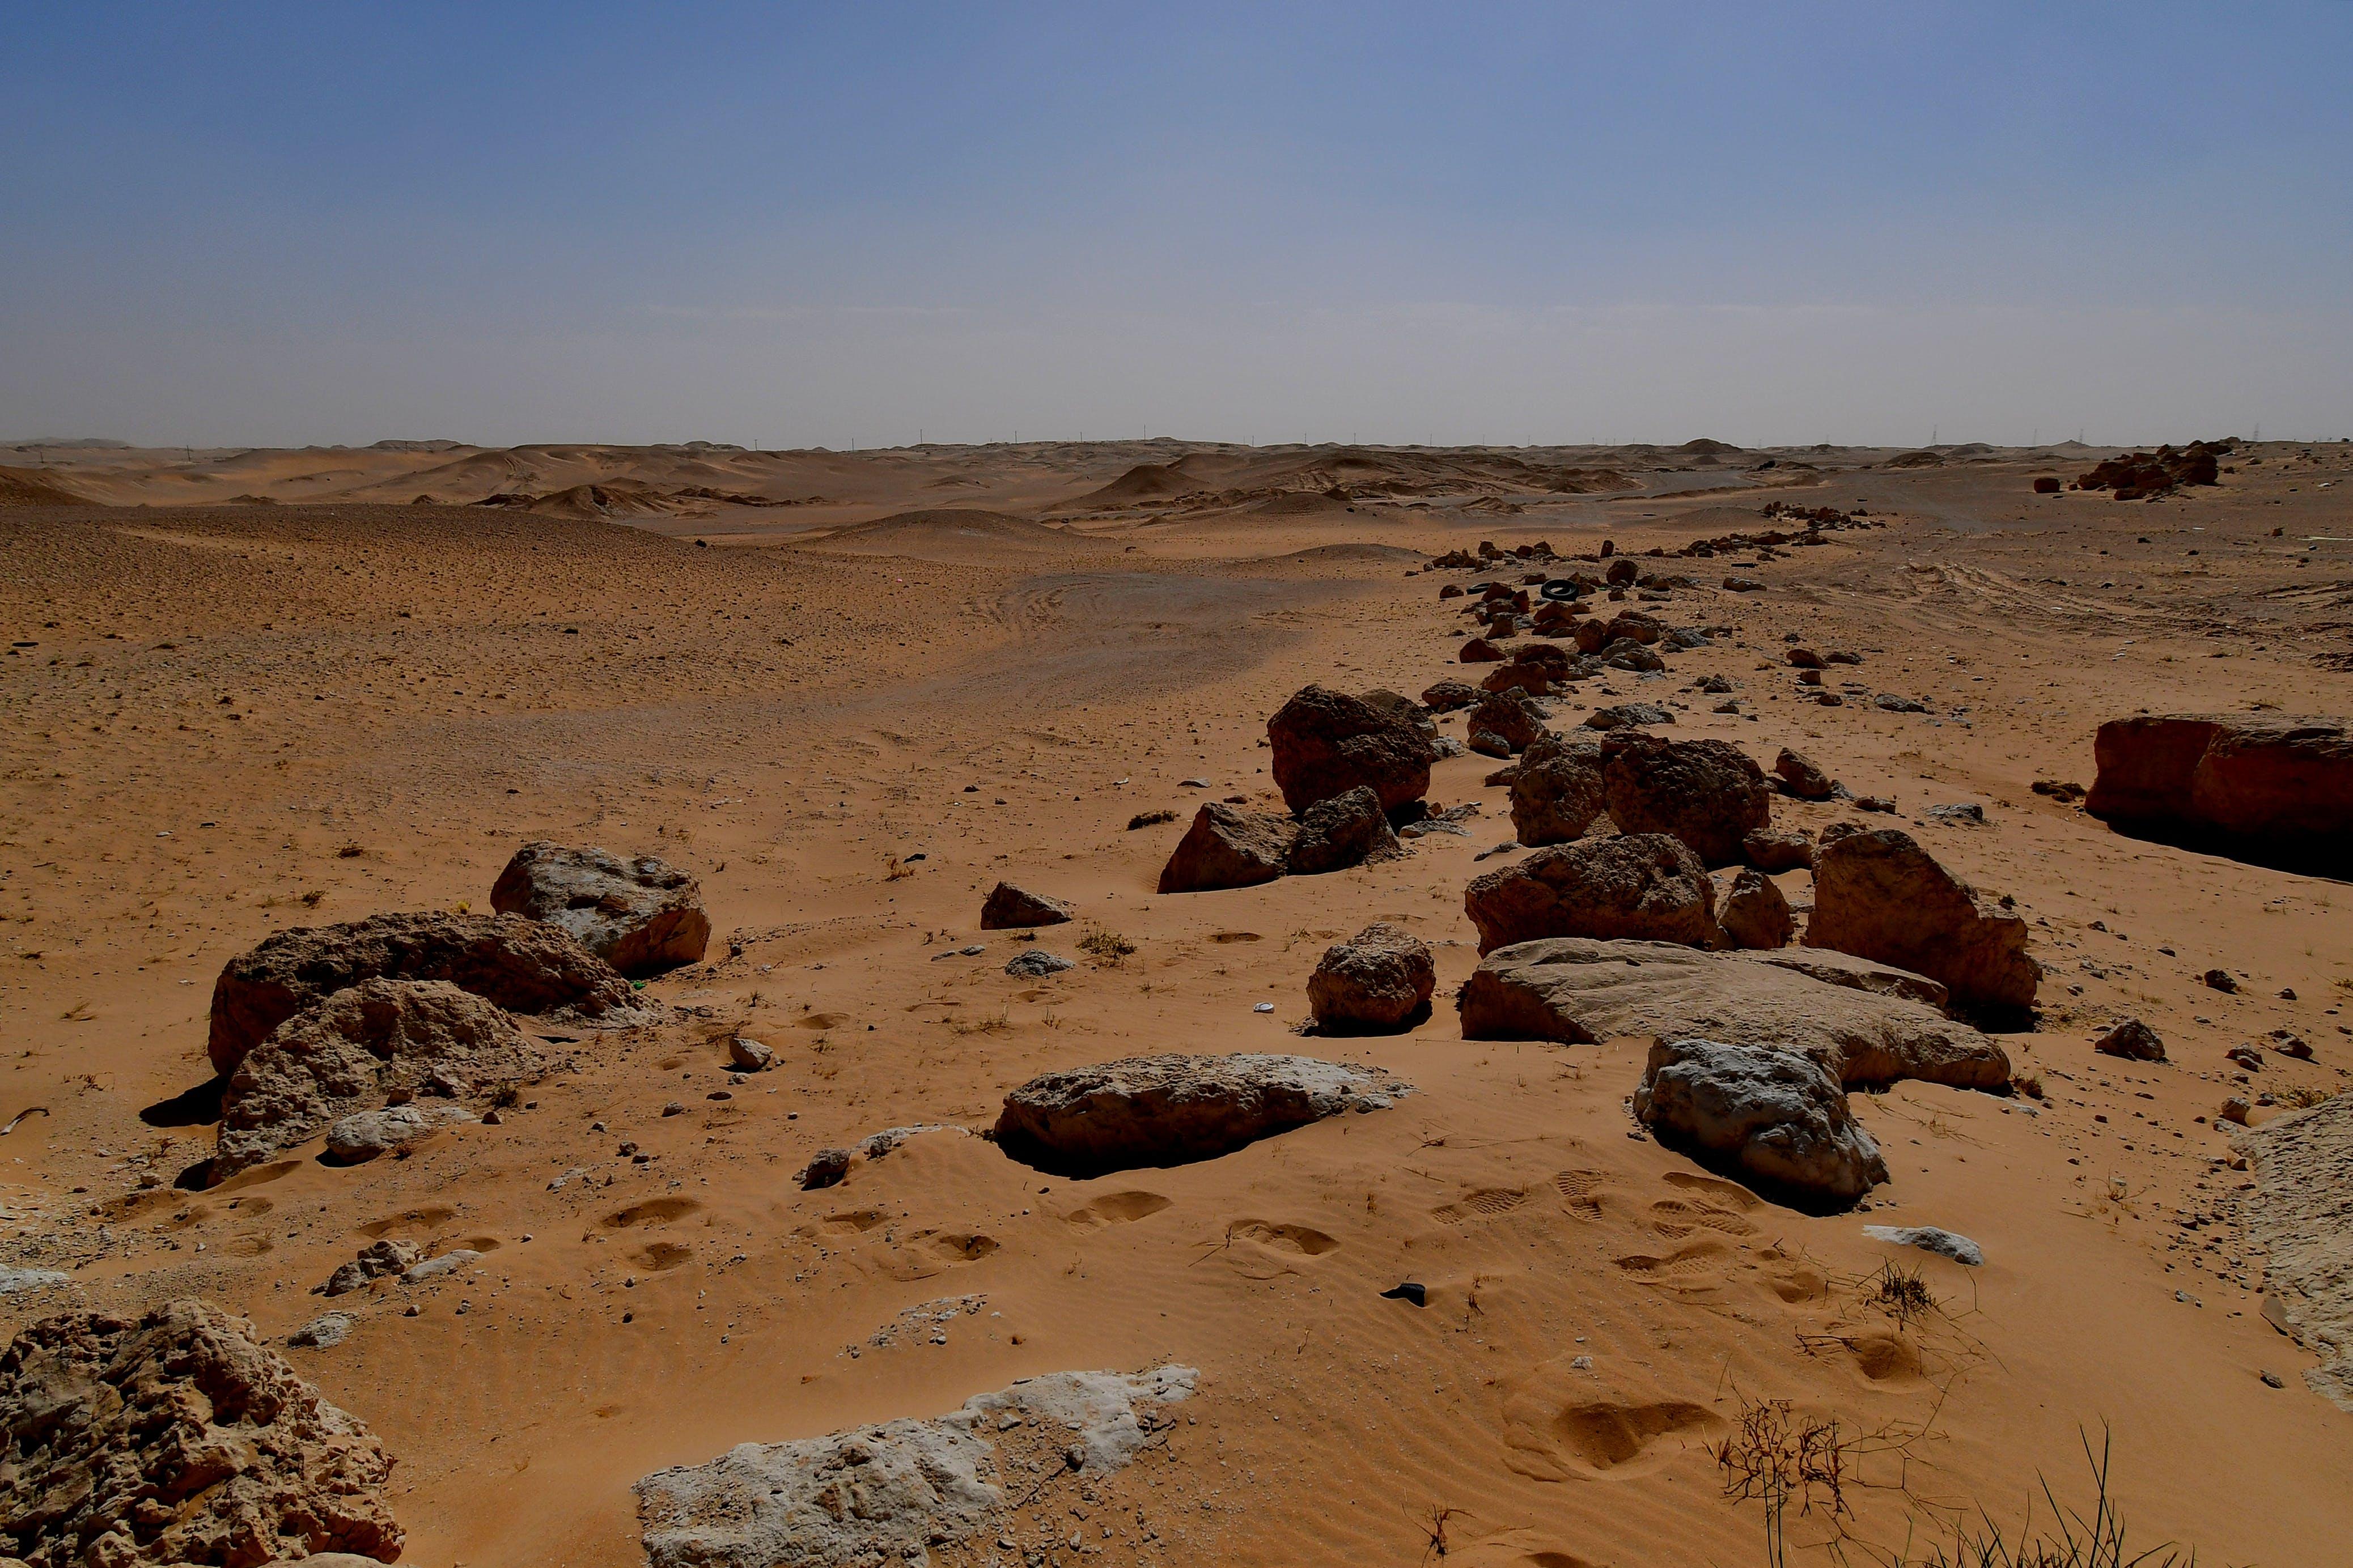 Fotos de stock gratuitas de Desierto, rocas